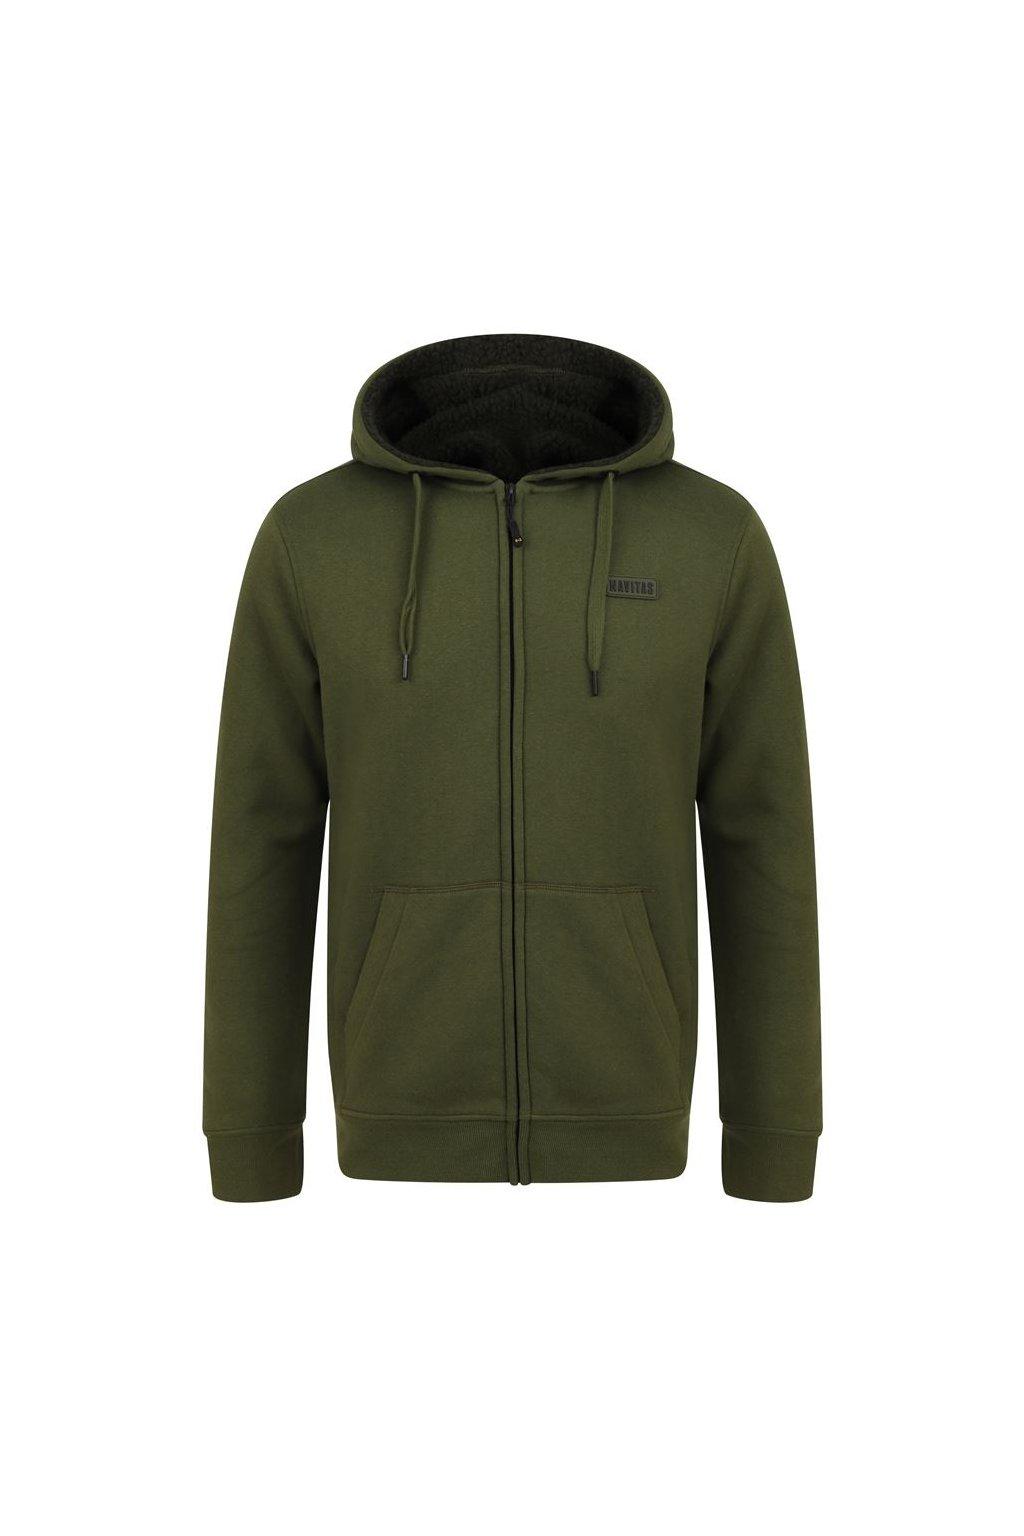 Navitas: Mikina Sherpa Zip Hoody Green Velikost M